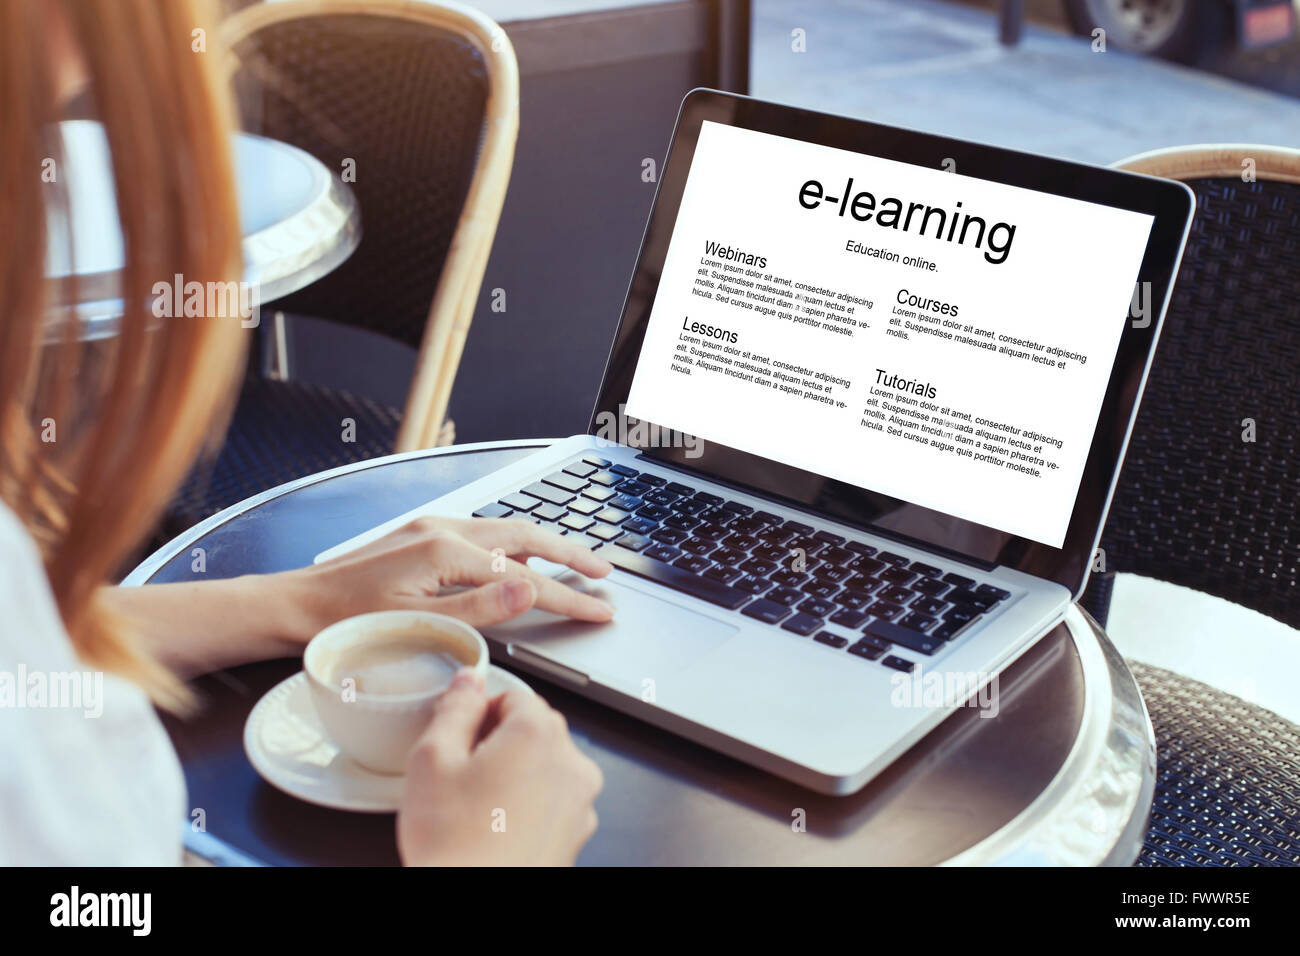 E-learning, la educación en línea concepto, mujer con un portátil Imagen De Stock